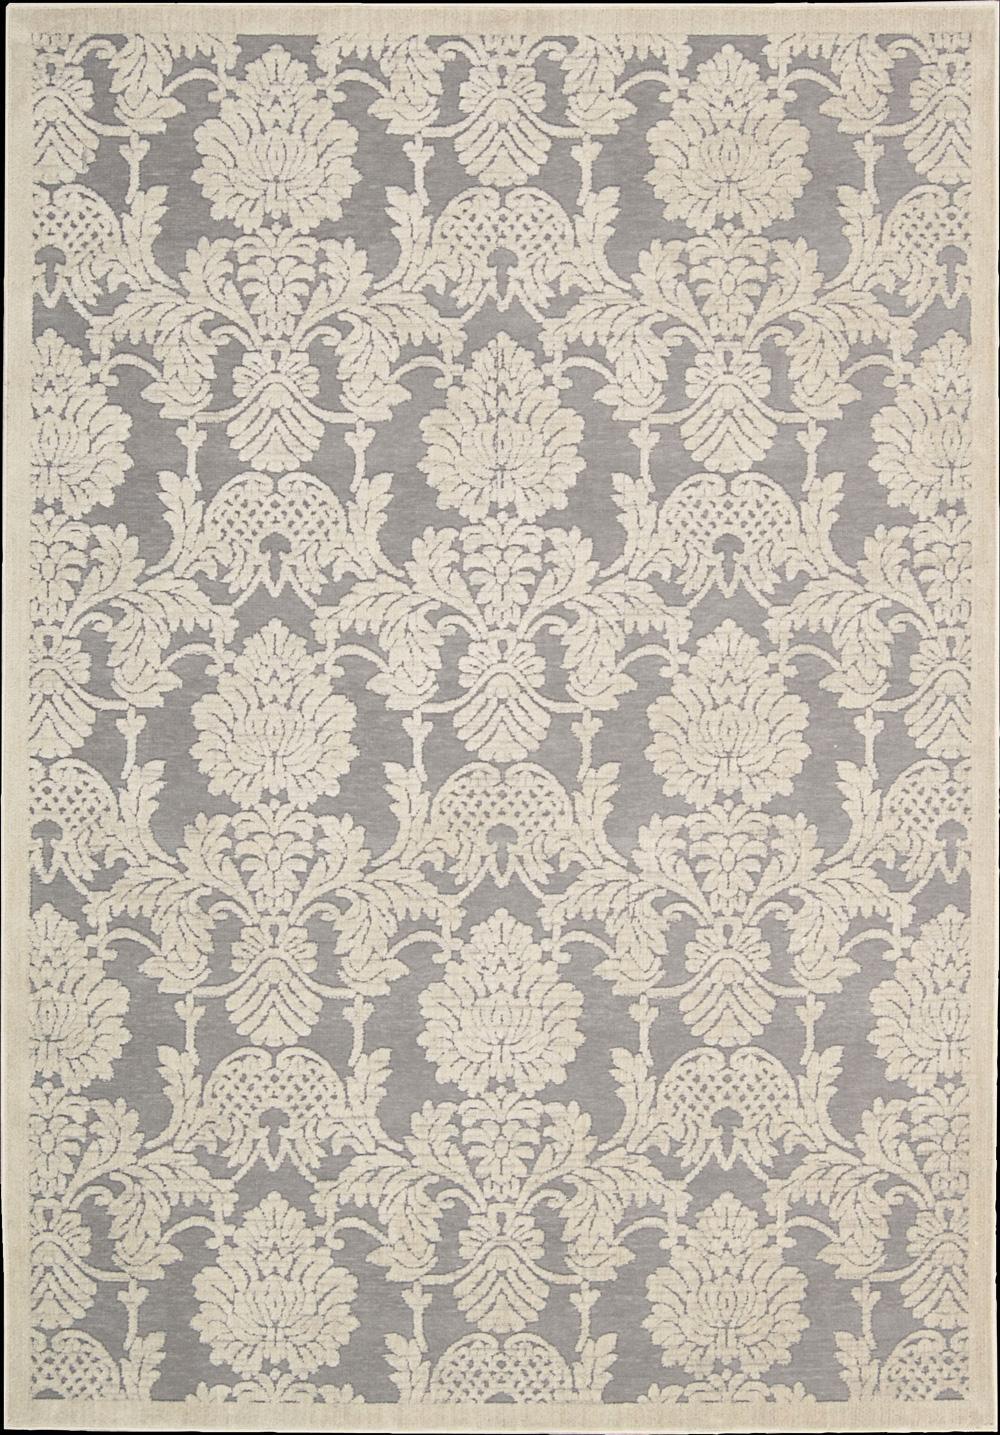 """Nourison Graphic Illusions Area Rug 5'3"""" x 7'5"""" - Item Number: 11792"""